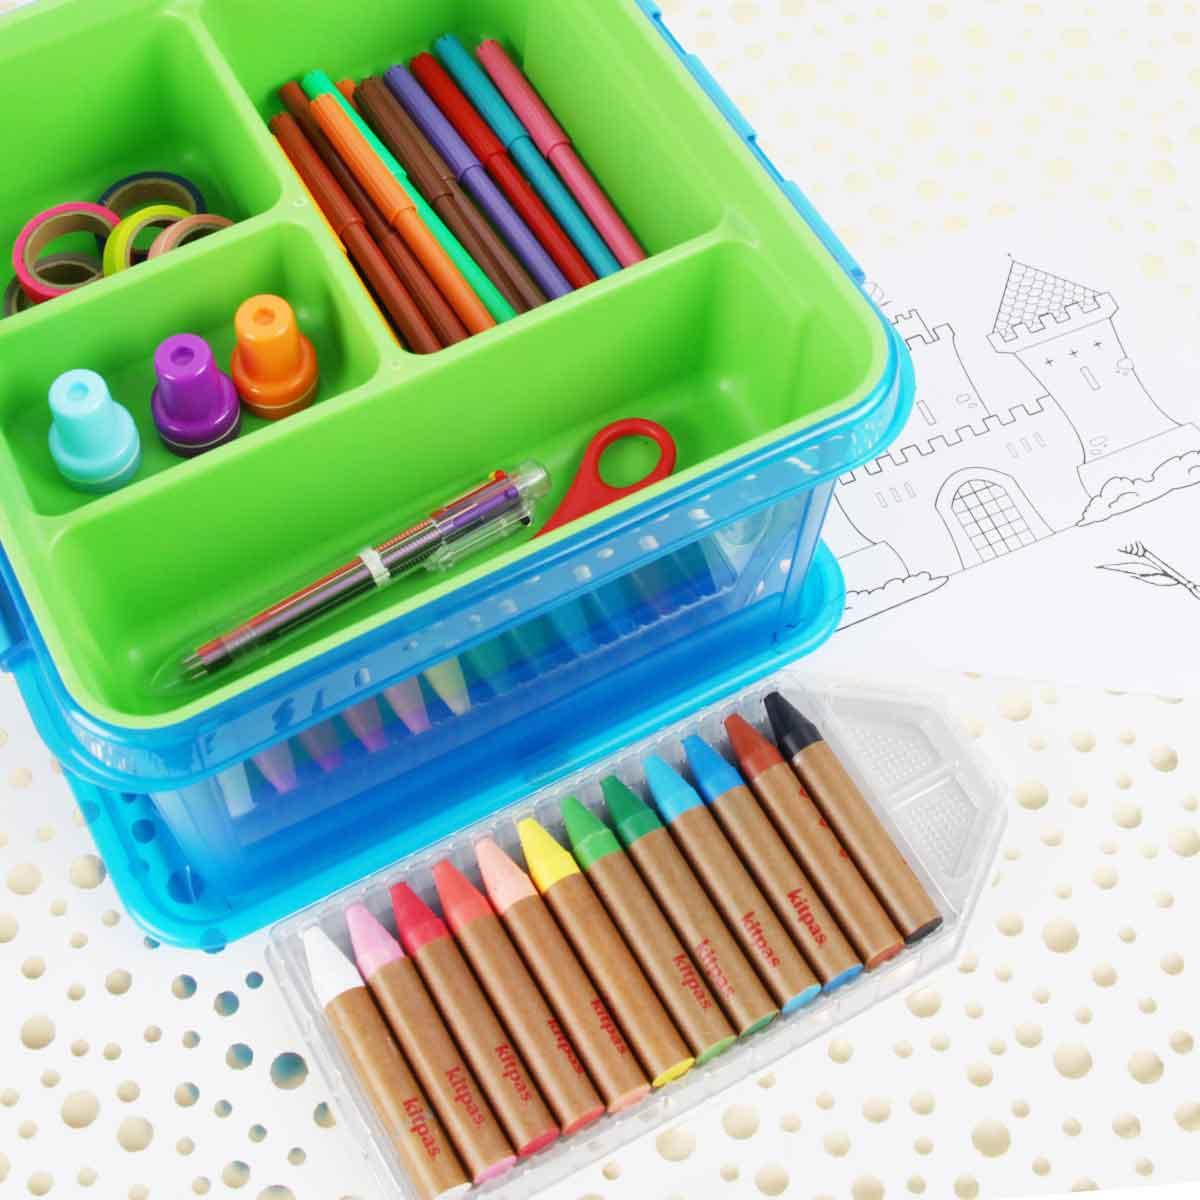 kit cadeau pour enfant bac en plastique avec compartiments et set de coloriage, feutres, crayons et stylos, masking tape, tampons, ciseaux